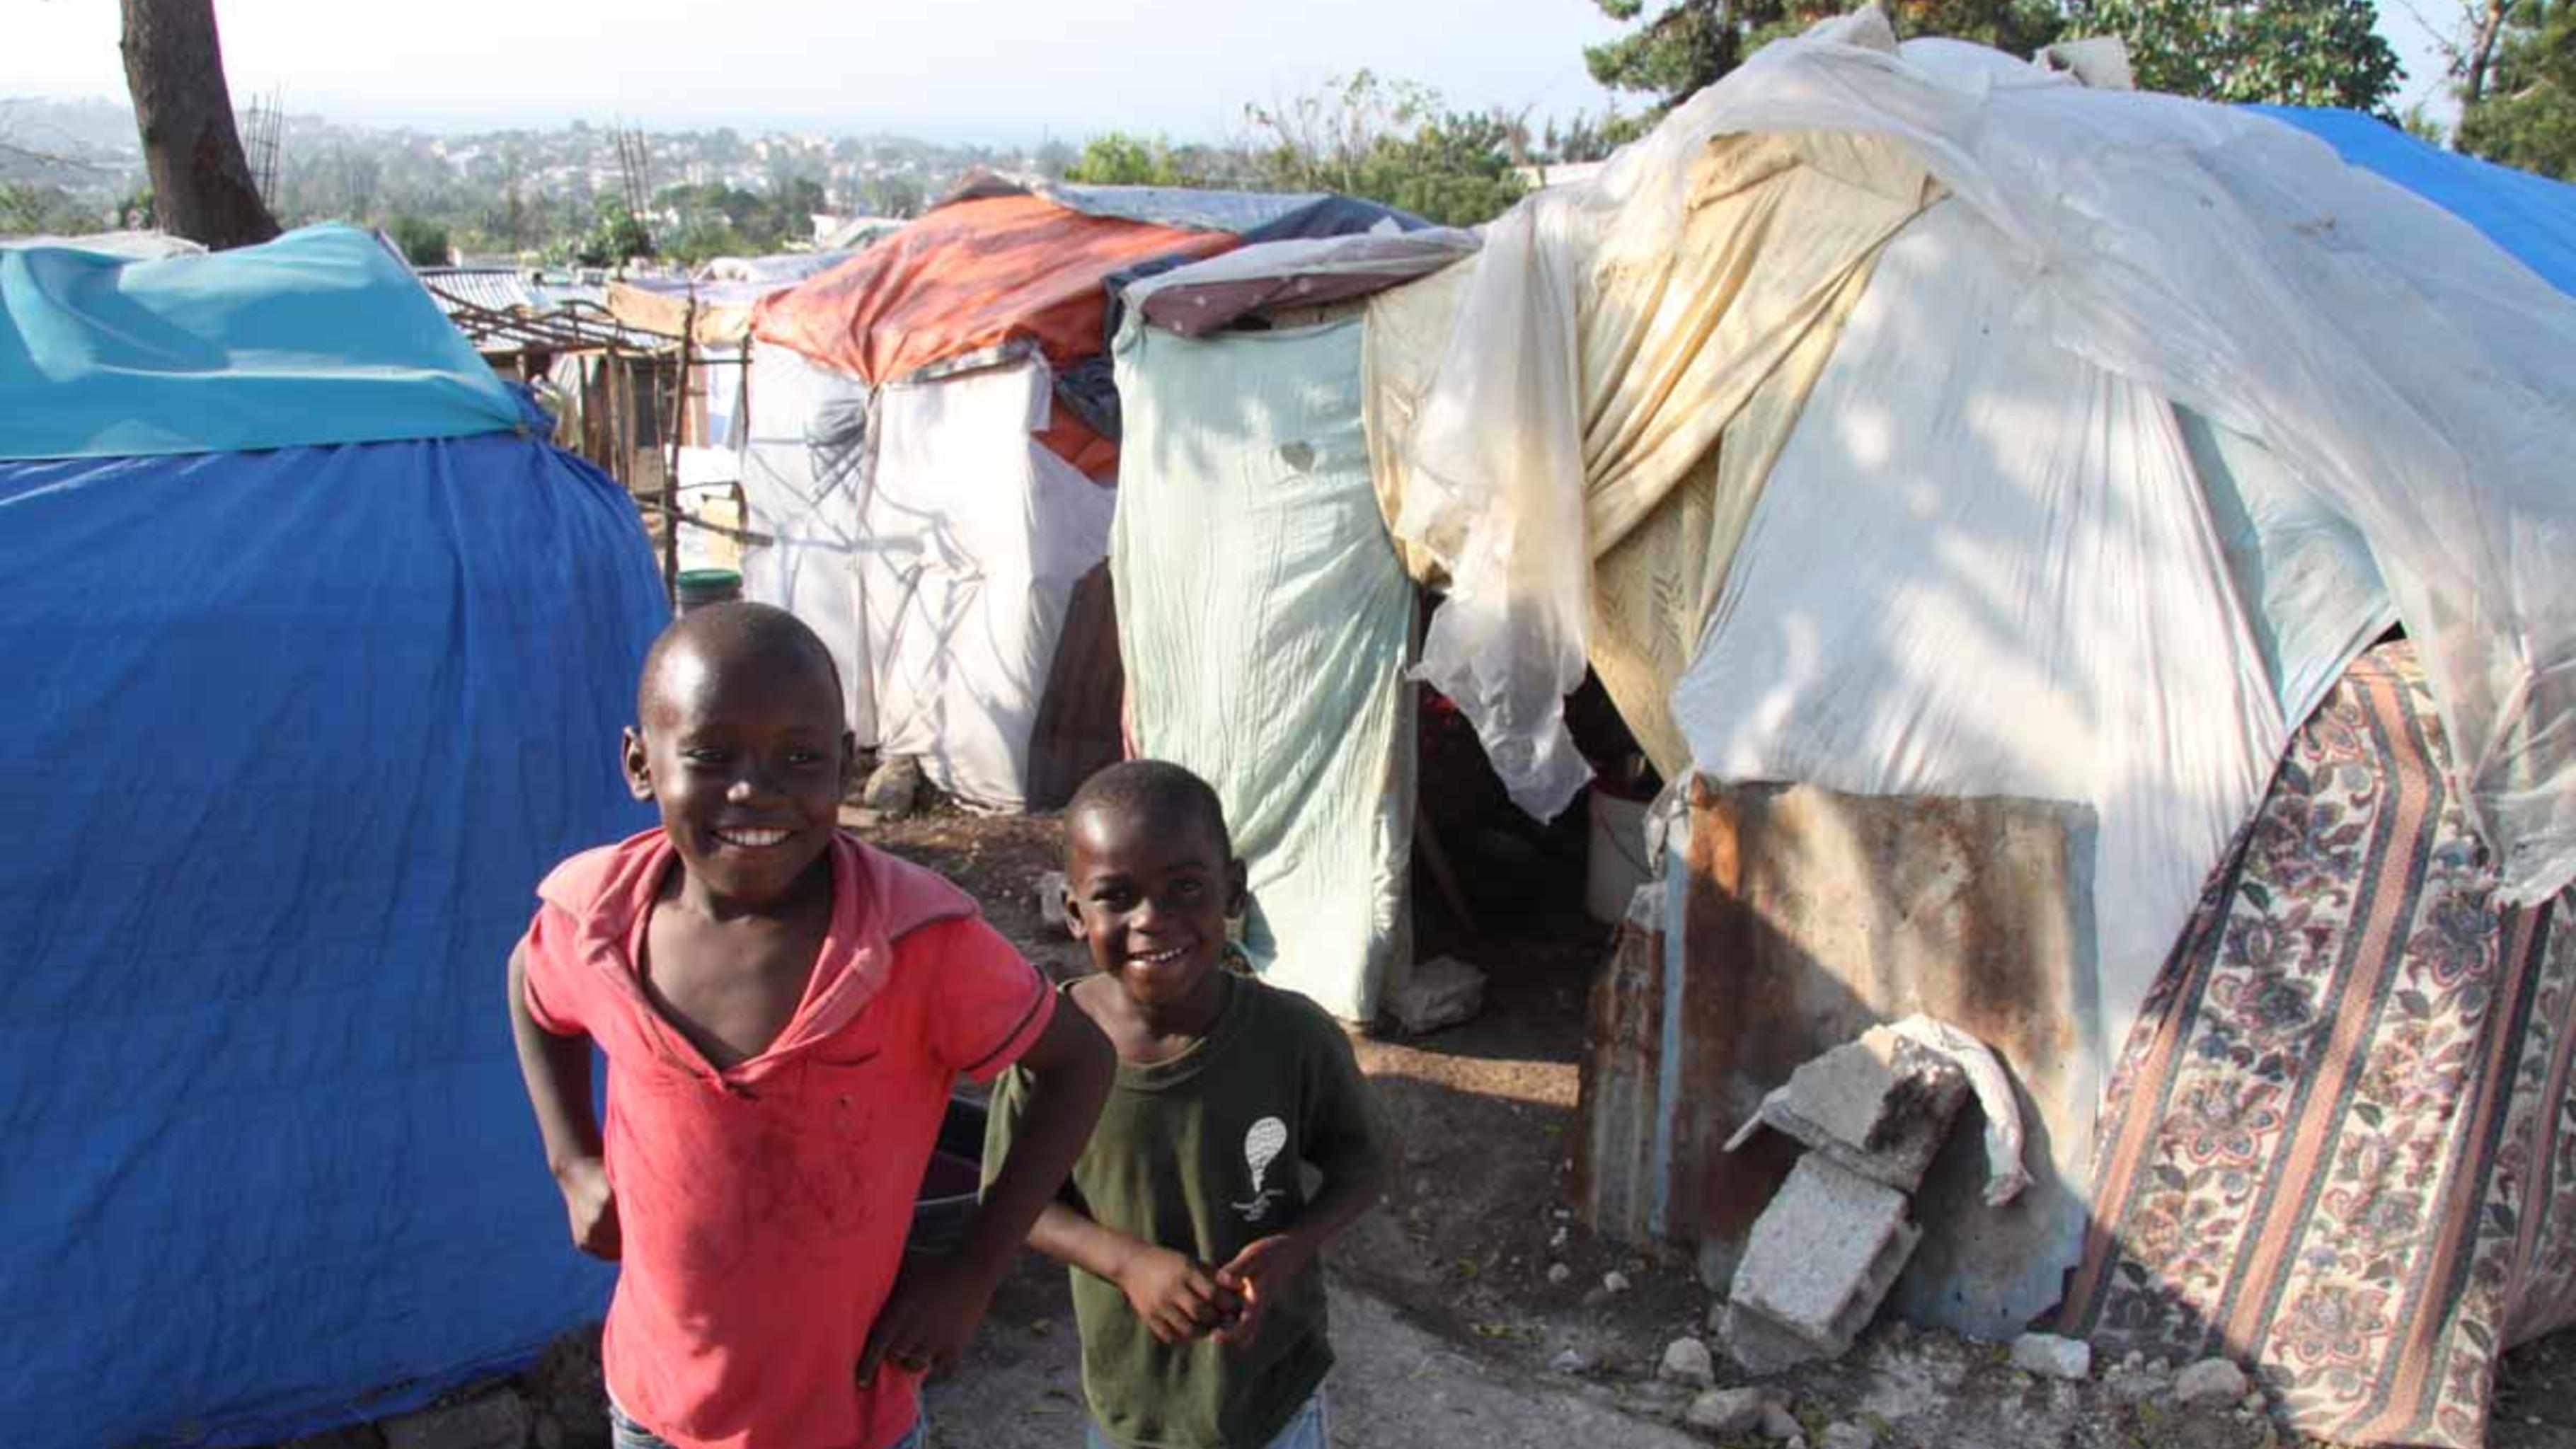 Foto: Jungen in einem kleinen Notcamp in Delmas, Port-au-Prince